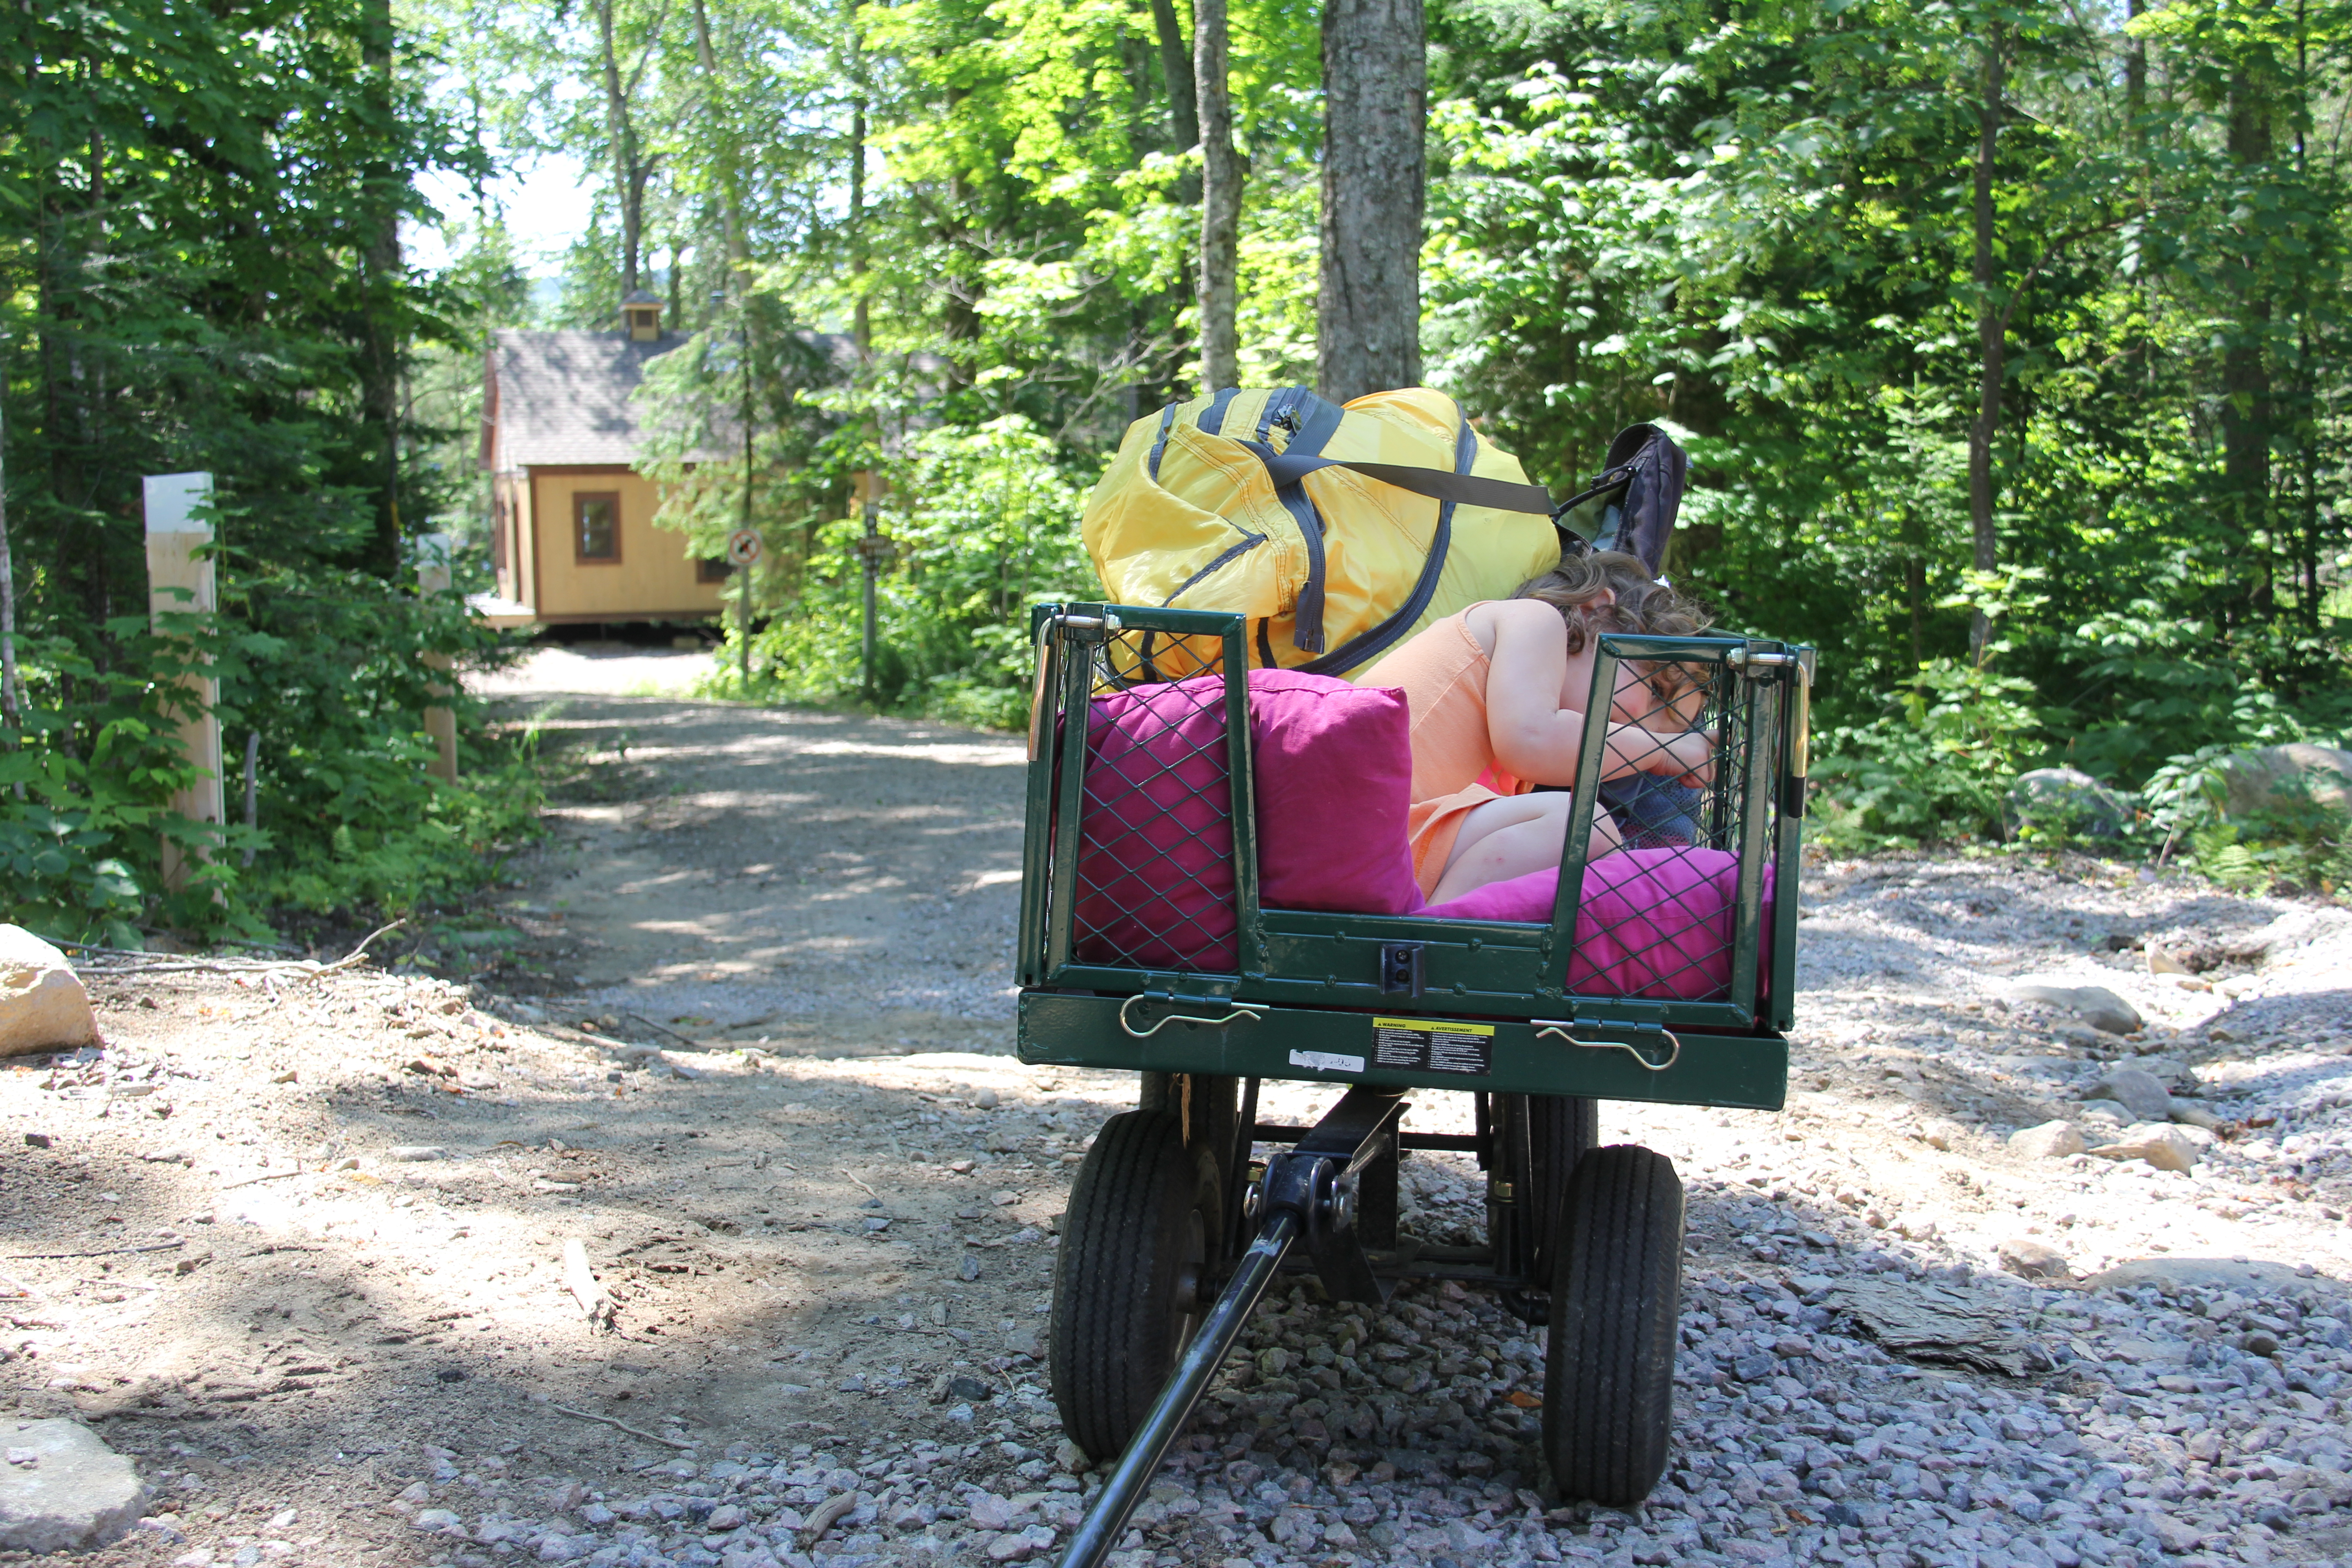 Tout est fait pour vous faciliter la vie ! Ici, le chariot disponible dès votre arrivée pour vous diriger au chalet.